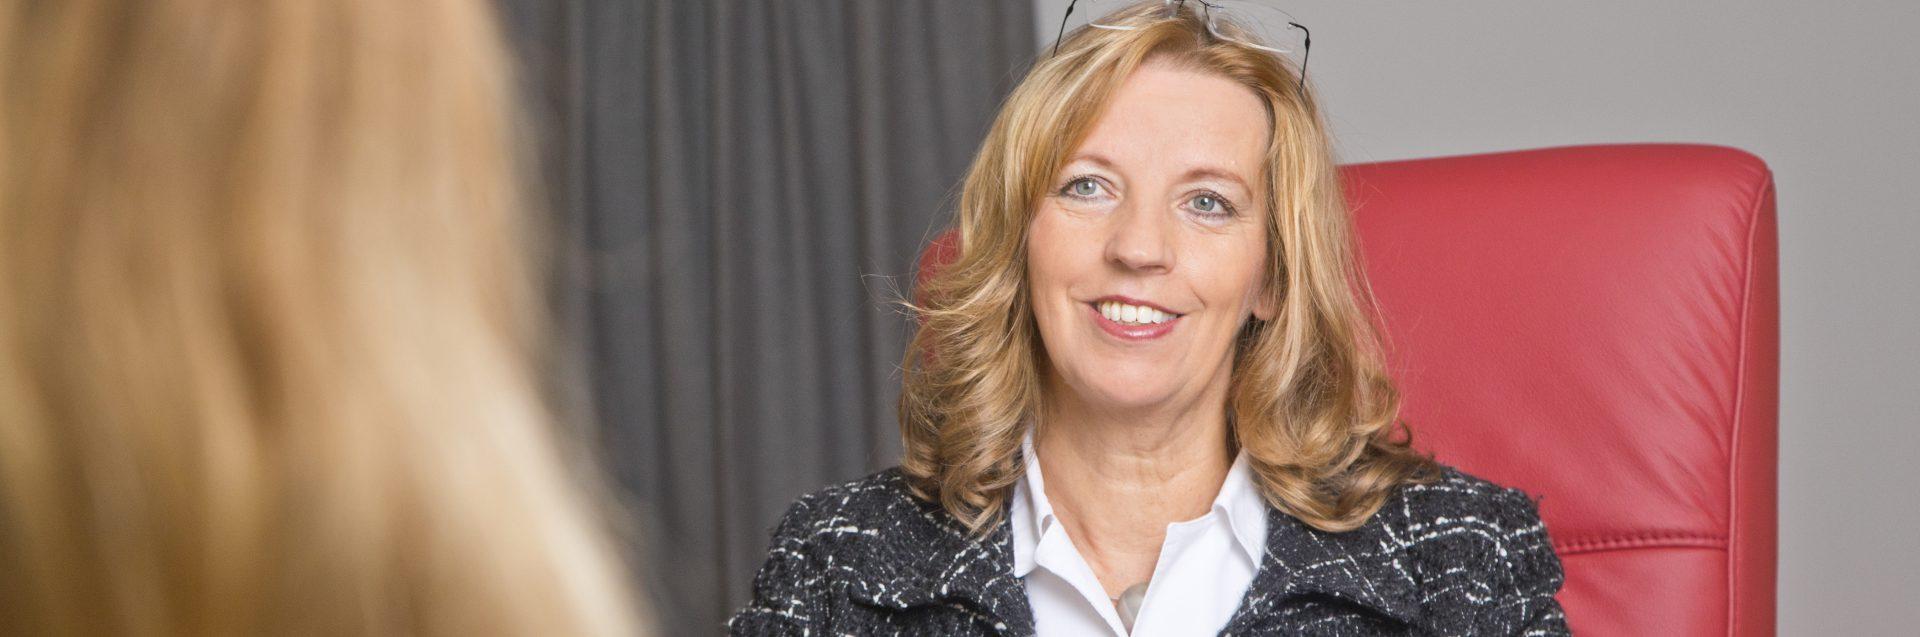 Praxis Anke Hettinger-Schneider